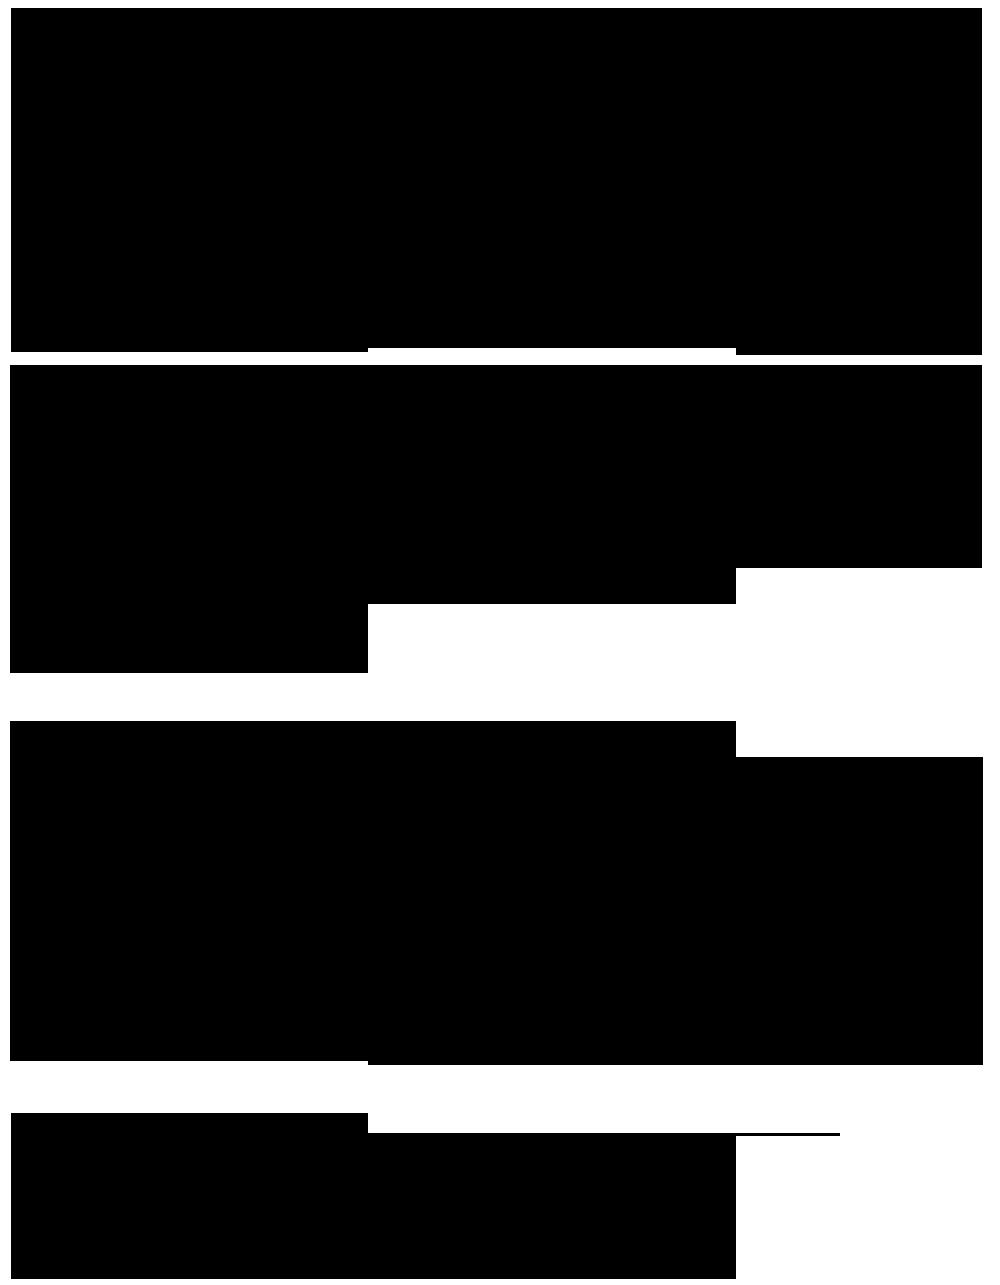 (REGLAMENTO COMPLEJO VACACIONAL SIIL-3